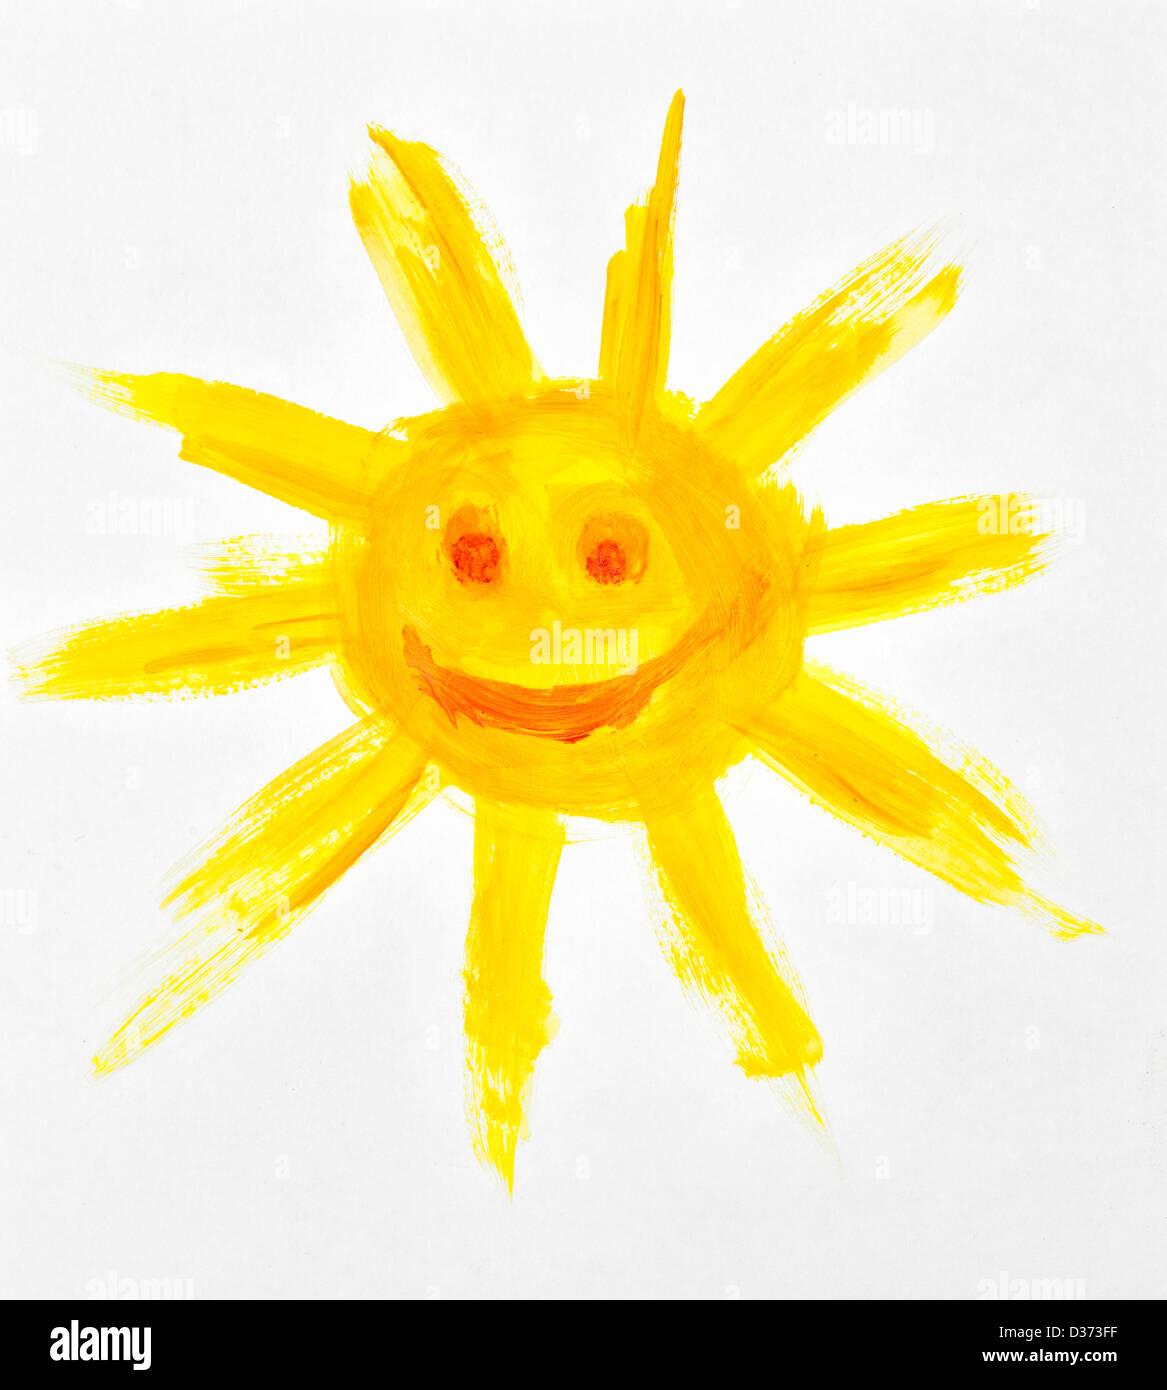 Kinder malen die Sonne Stockfoto, Bild: 53631523 - Alamy